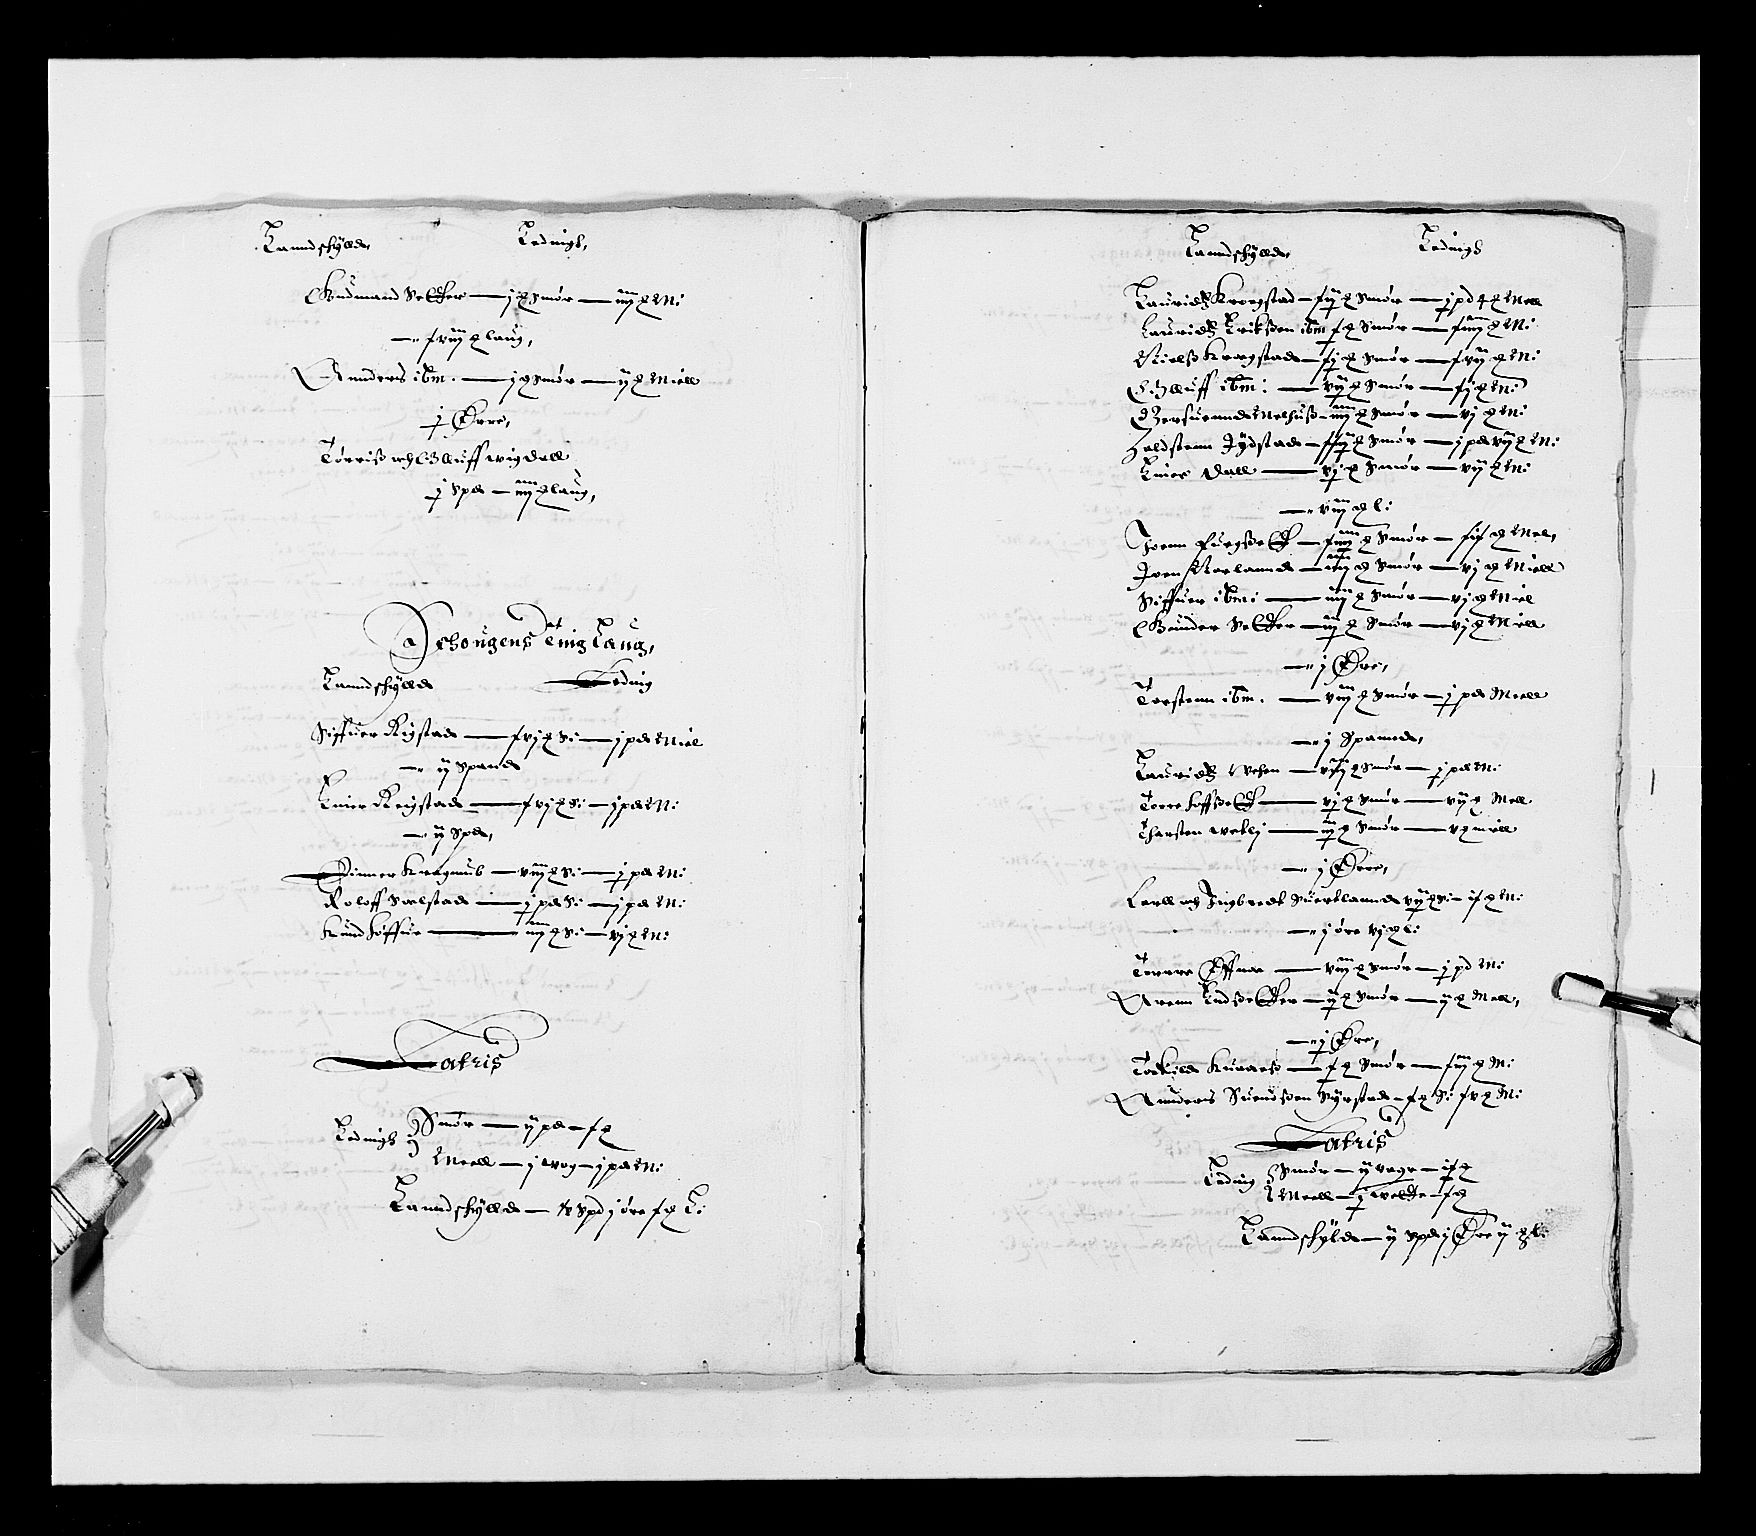 RA, Stattholderembetet 1572-1771, Ek/L0028: Jordebøker 1633-1658:, 1645-1646, s. 166